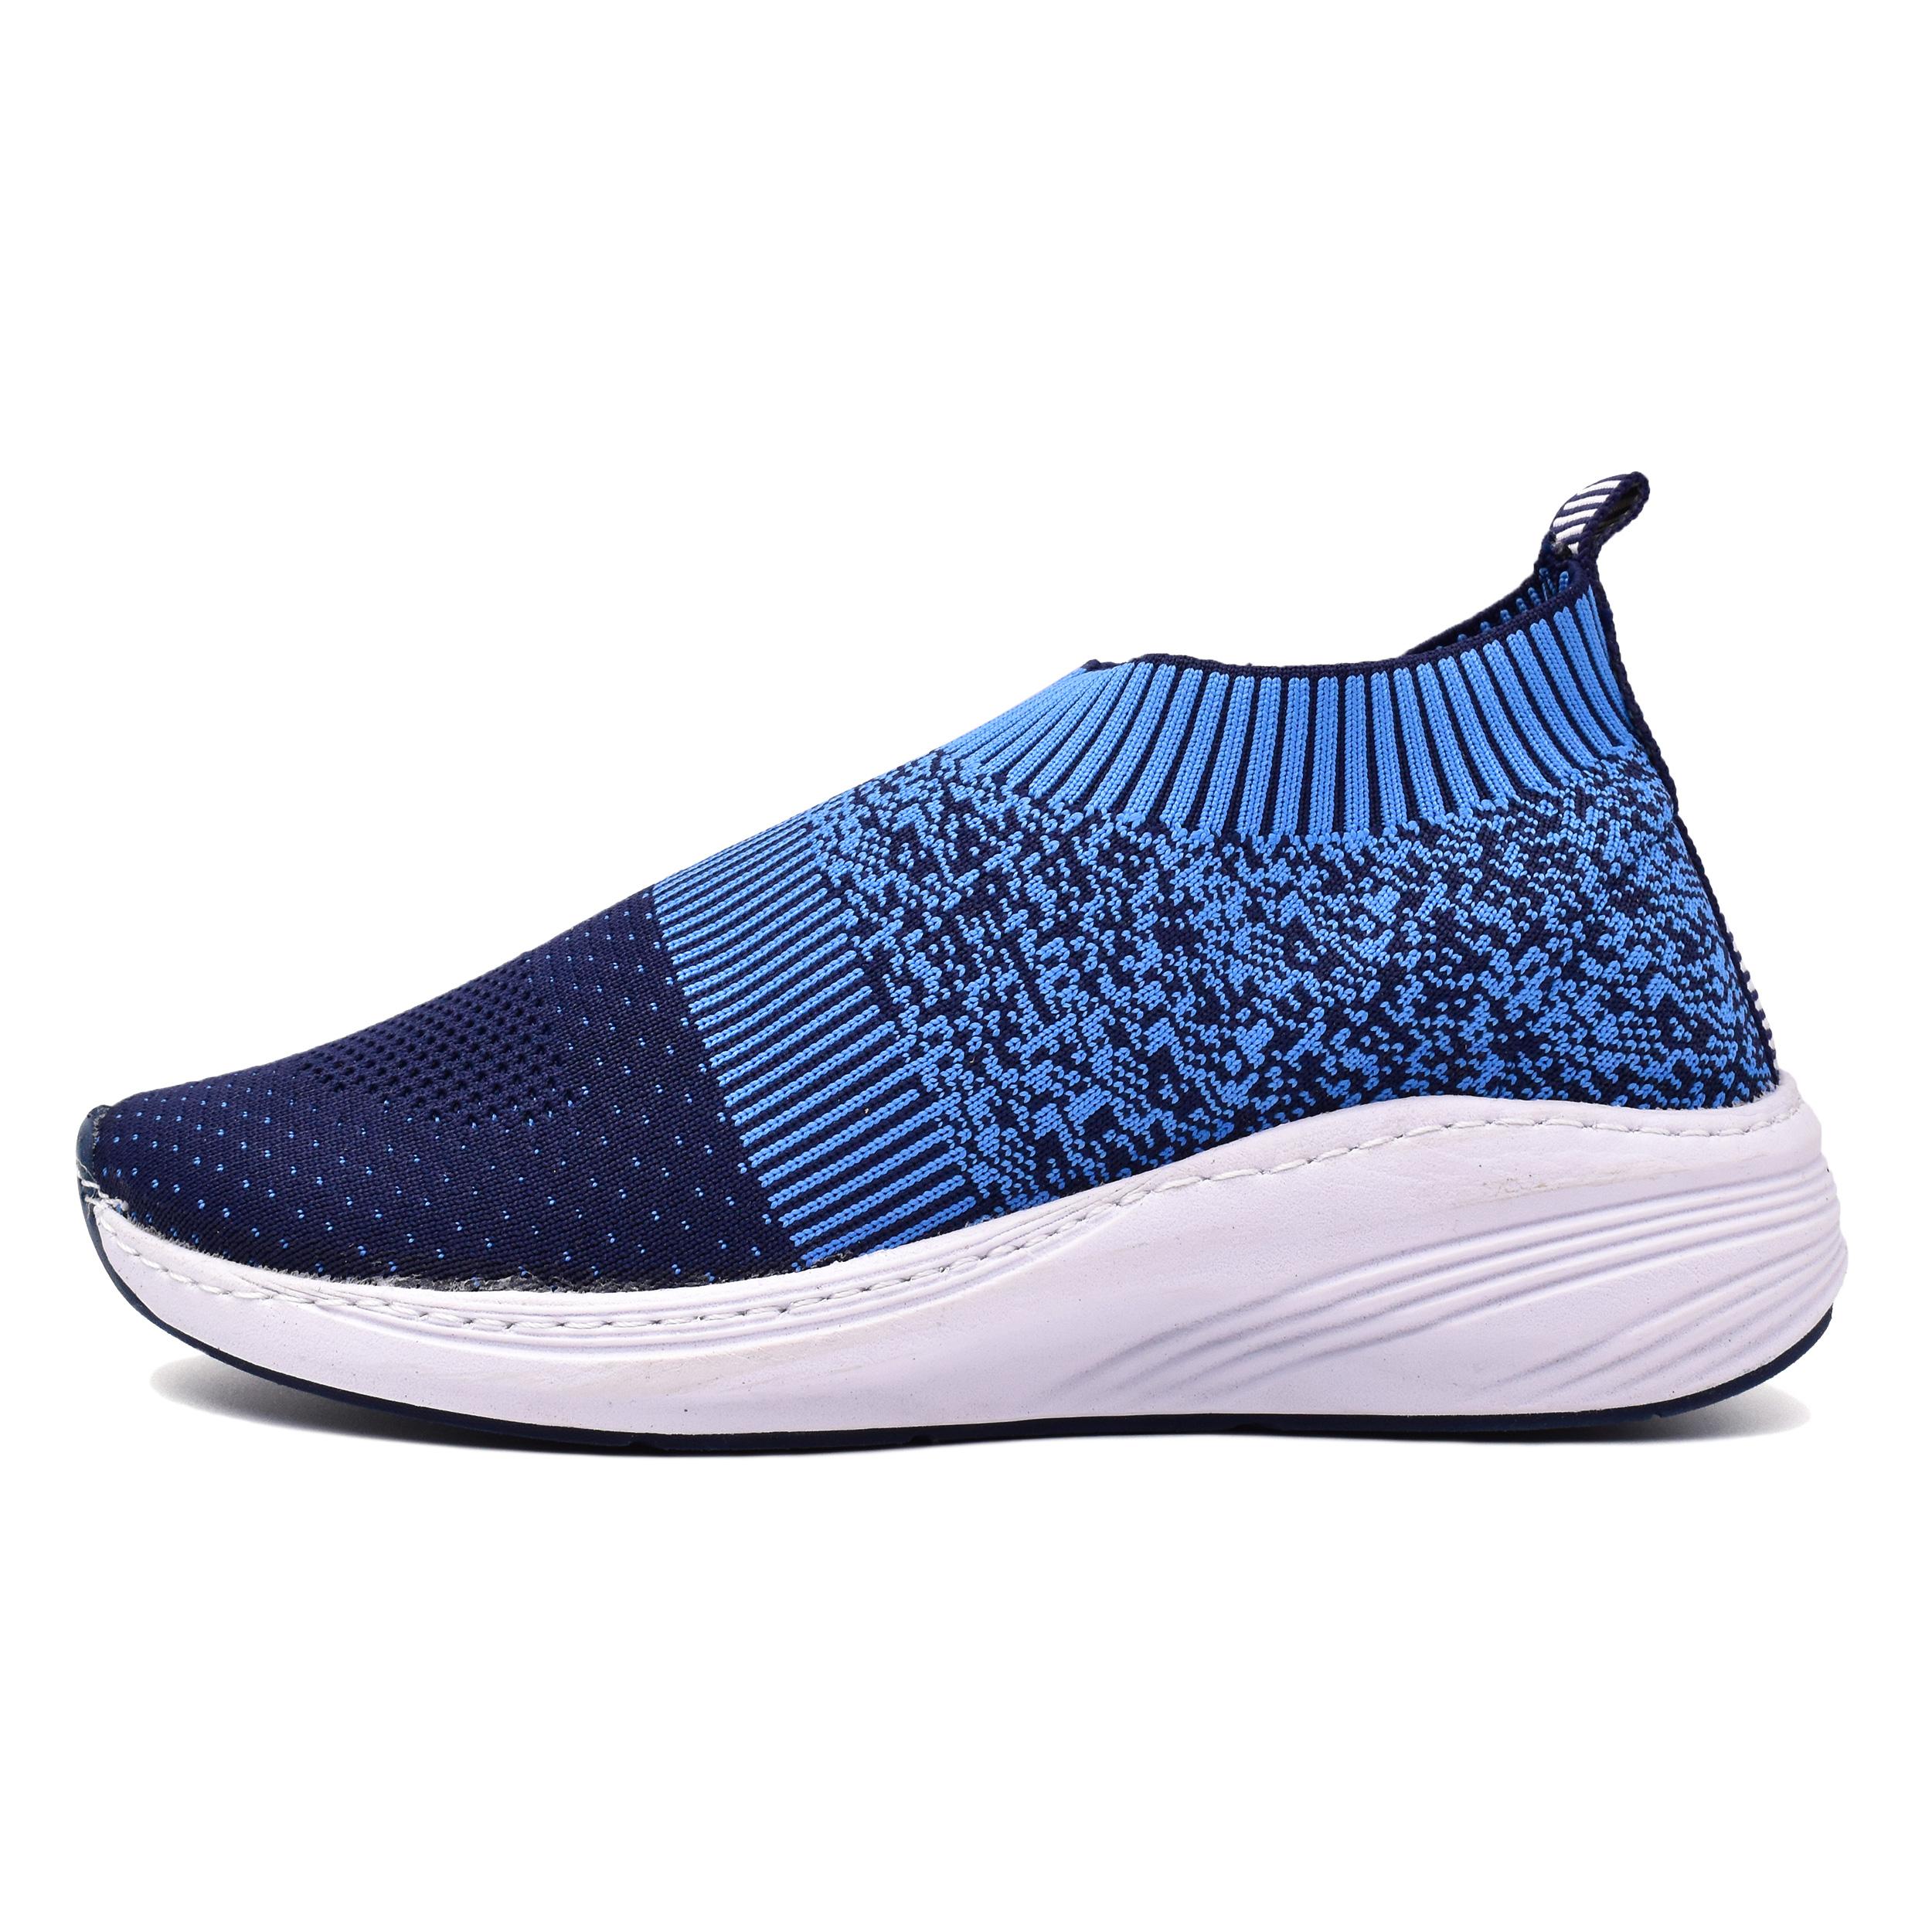 کفش مخصوص پیاده روی زنانه نسیم مدل آرتینا کد 6908              خرید